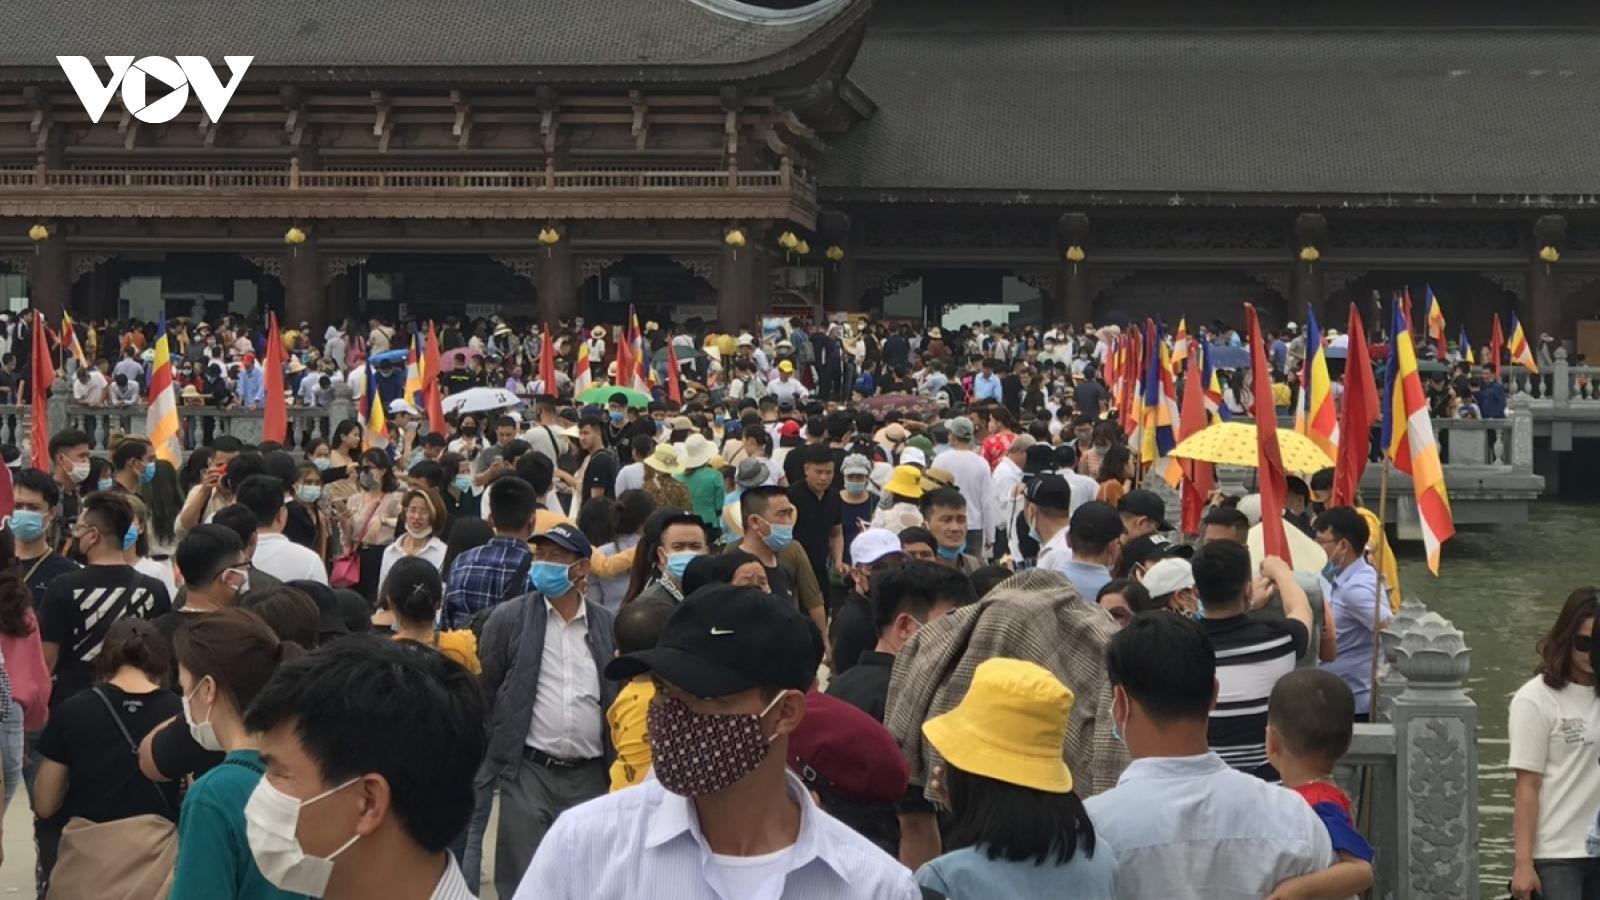 Tăng cường các biện pháp cấp bách phòng, chống dịch Covid-19 tại chùa Tam Chúc